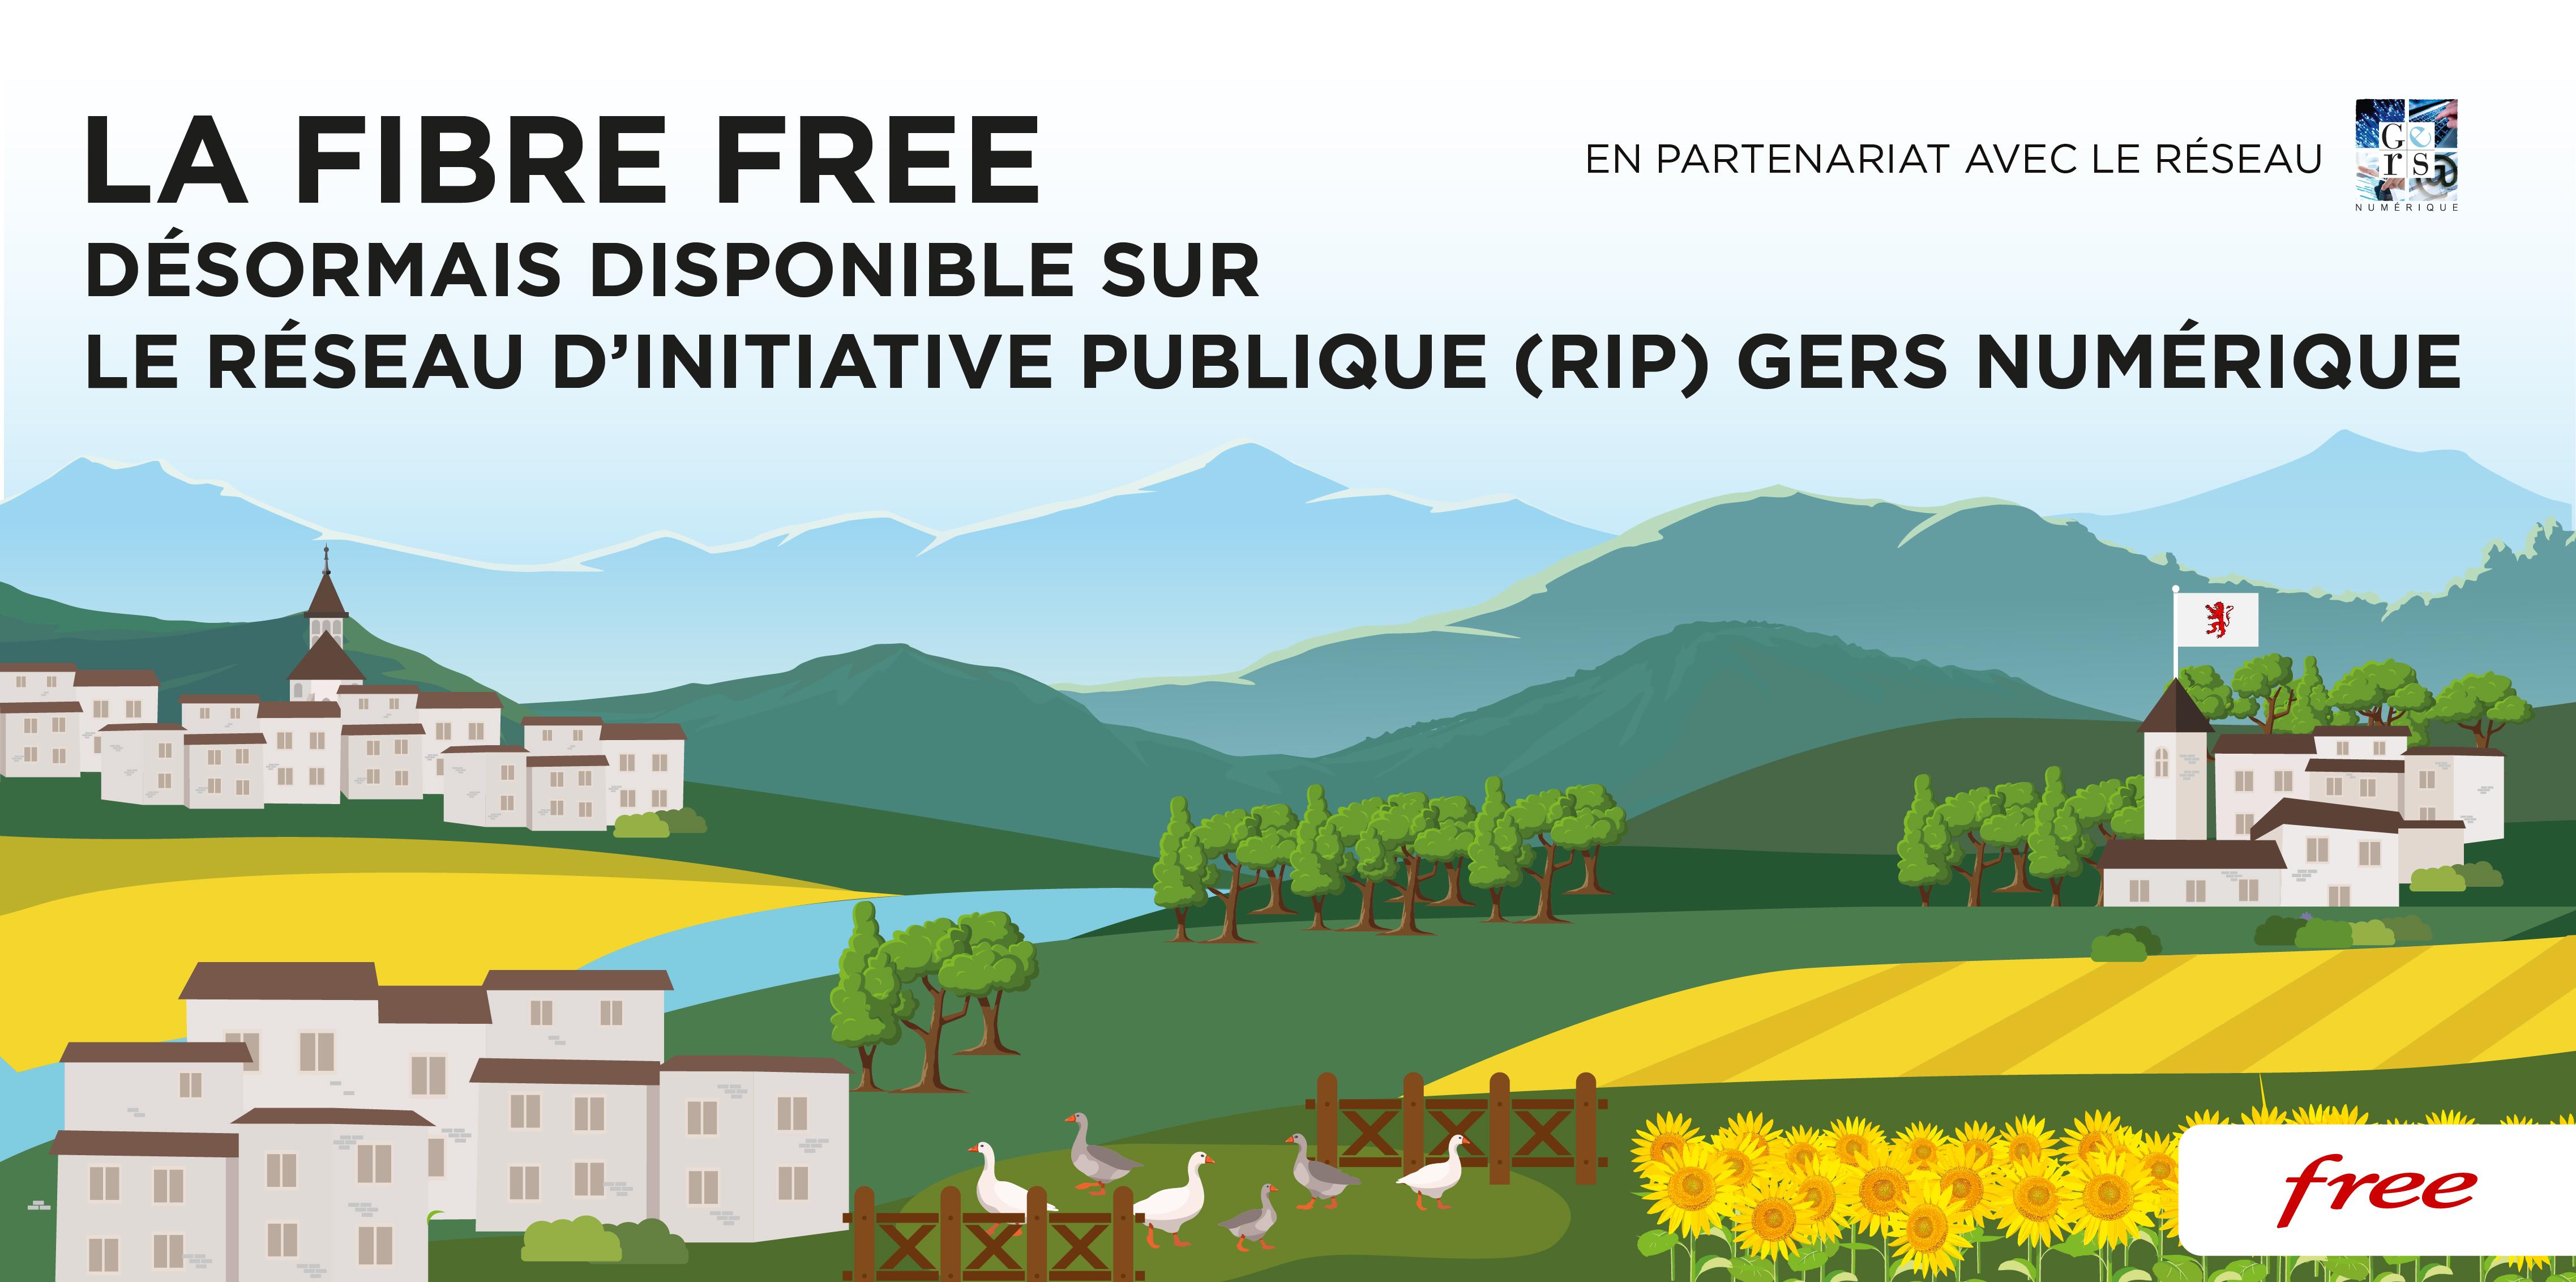 La Fibre Free désormais disponible sur le Réseau d'initiative Publique (RIP) Gers Numérique